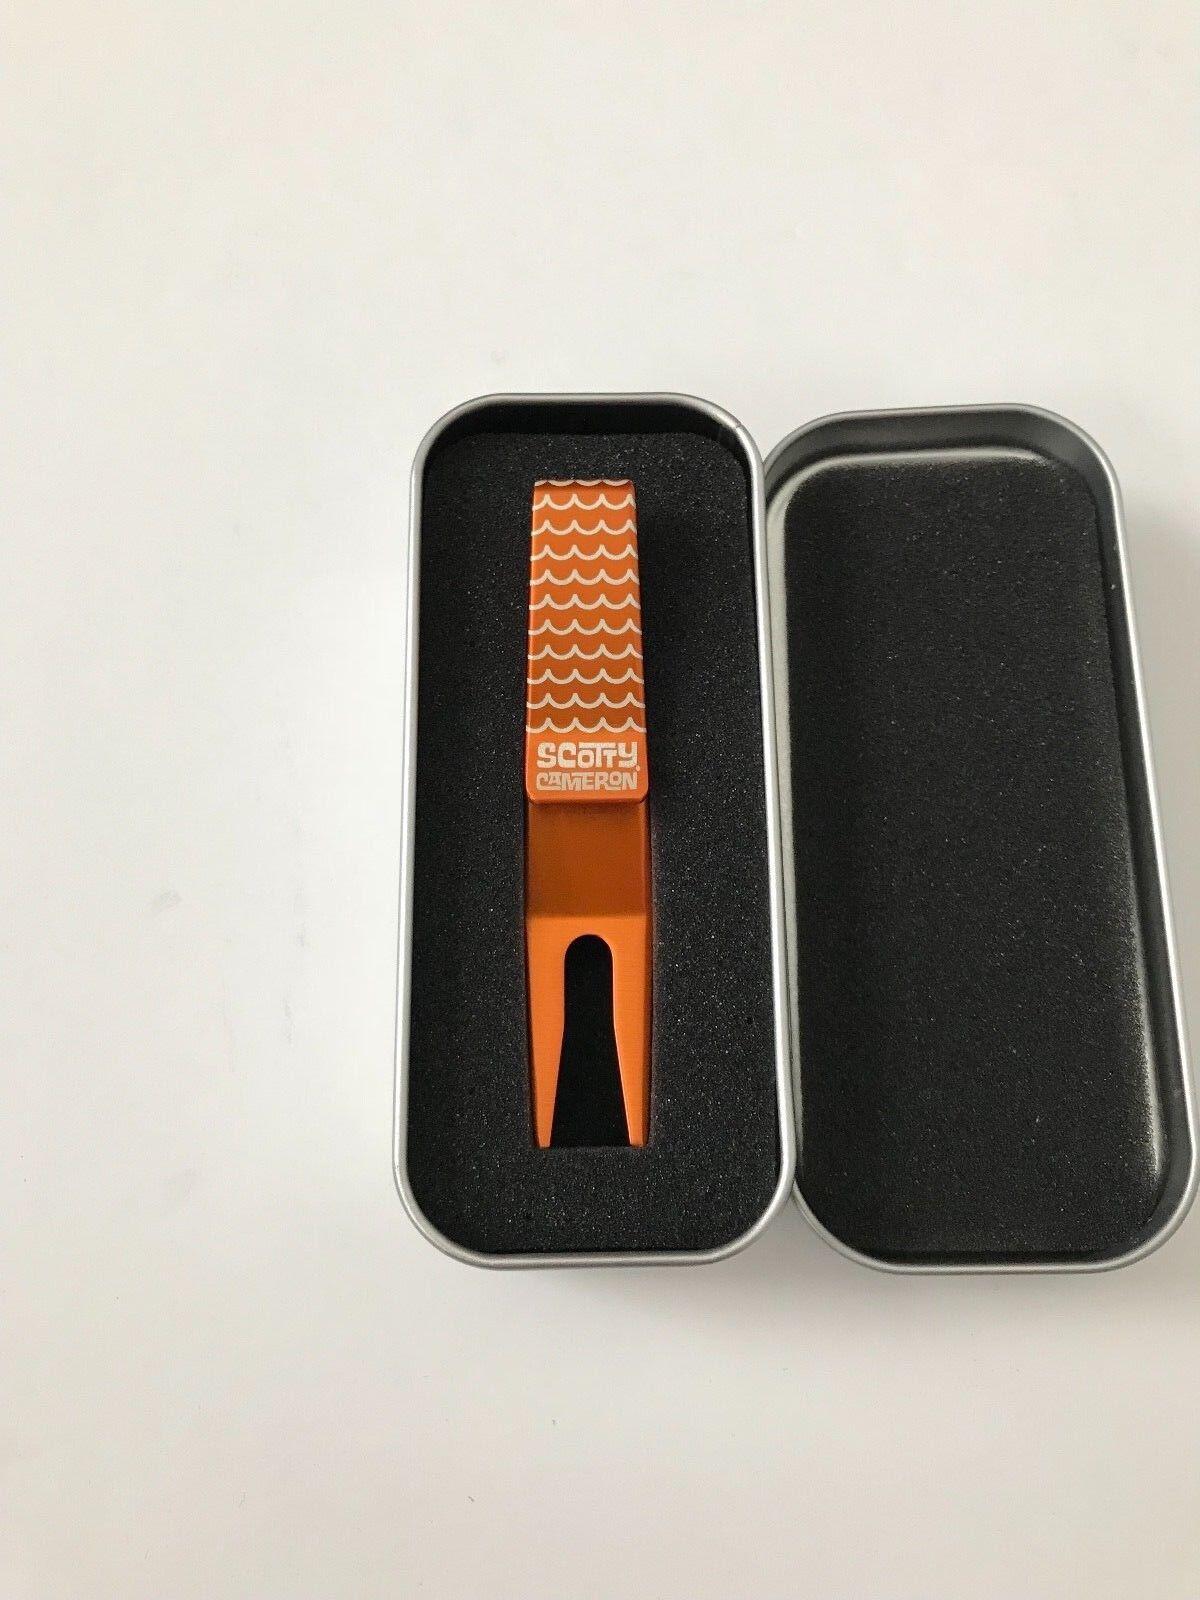 Scotty Cameron galería Onda Vibes Naranja Plata Clip Herramienta de pivote